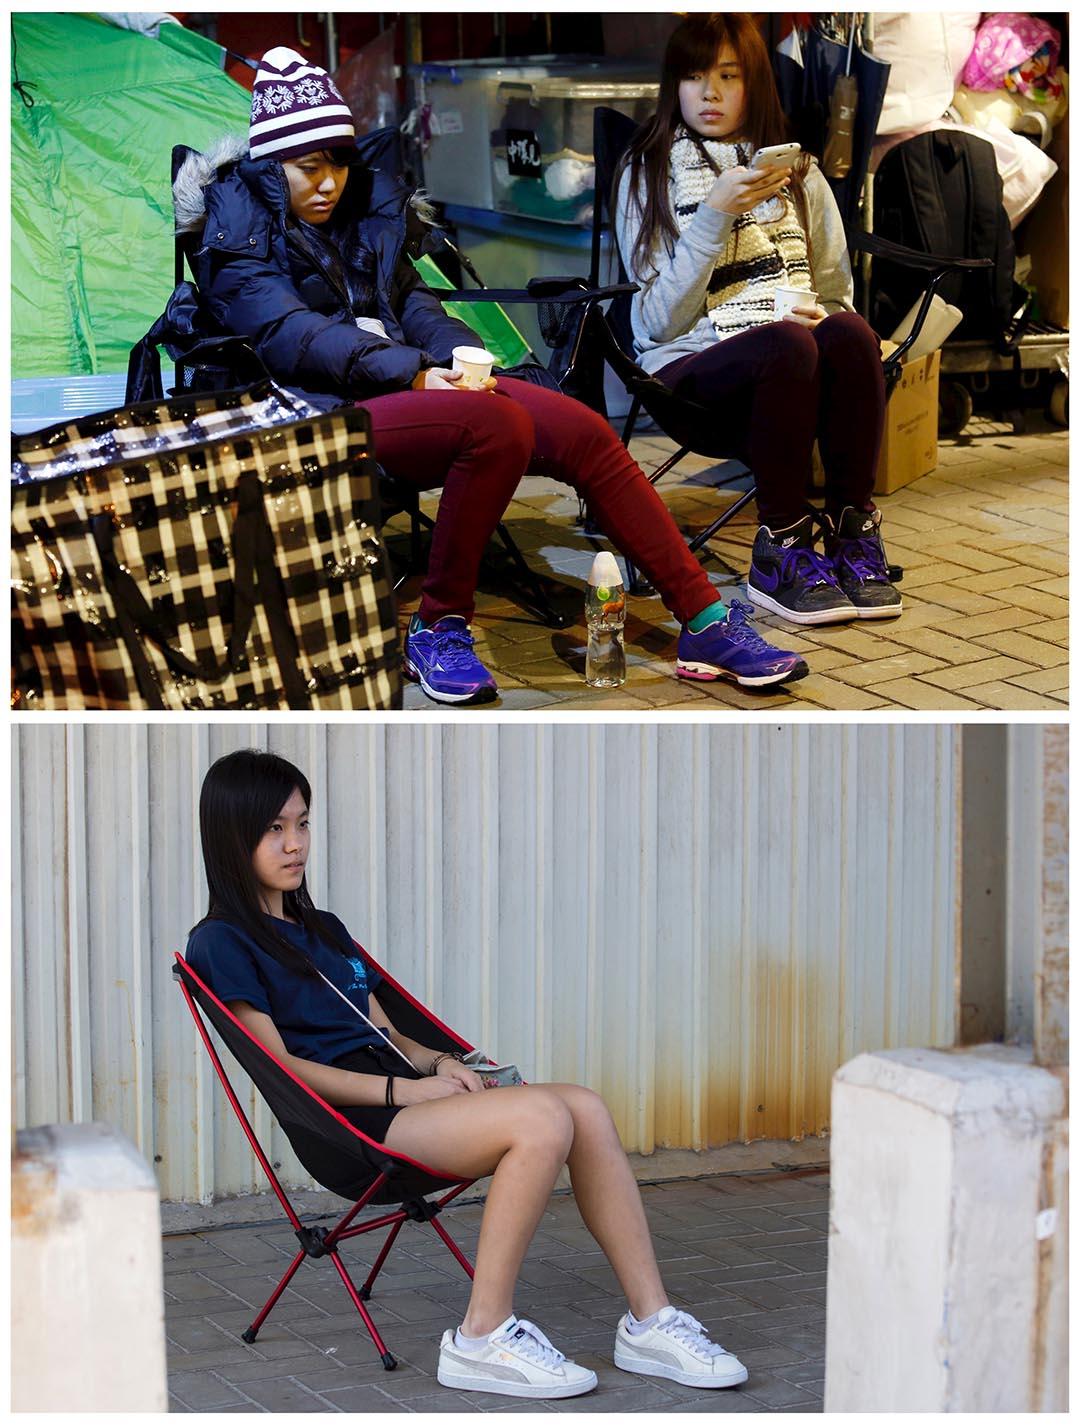 上圖攝於去年12月3日,學民思潮成員黃子悦(左)參與絕食,期間坐在政府總部外休息。下圖攝於今年9月24日,黃子悦坐在與上圖同一地點拍照。她慨嘆:「老一輩常認為,我這一代年輕人,可以目睹香港爭取到民主。但我不會那麼天真地相信我這一代可以等到民主香港來臨。」攝:(上圖)Bobby Yip/REUTERS,(下圖)Tyrone Siu/REUTERS